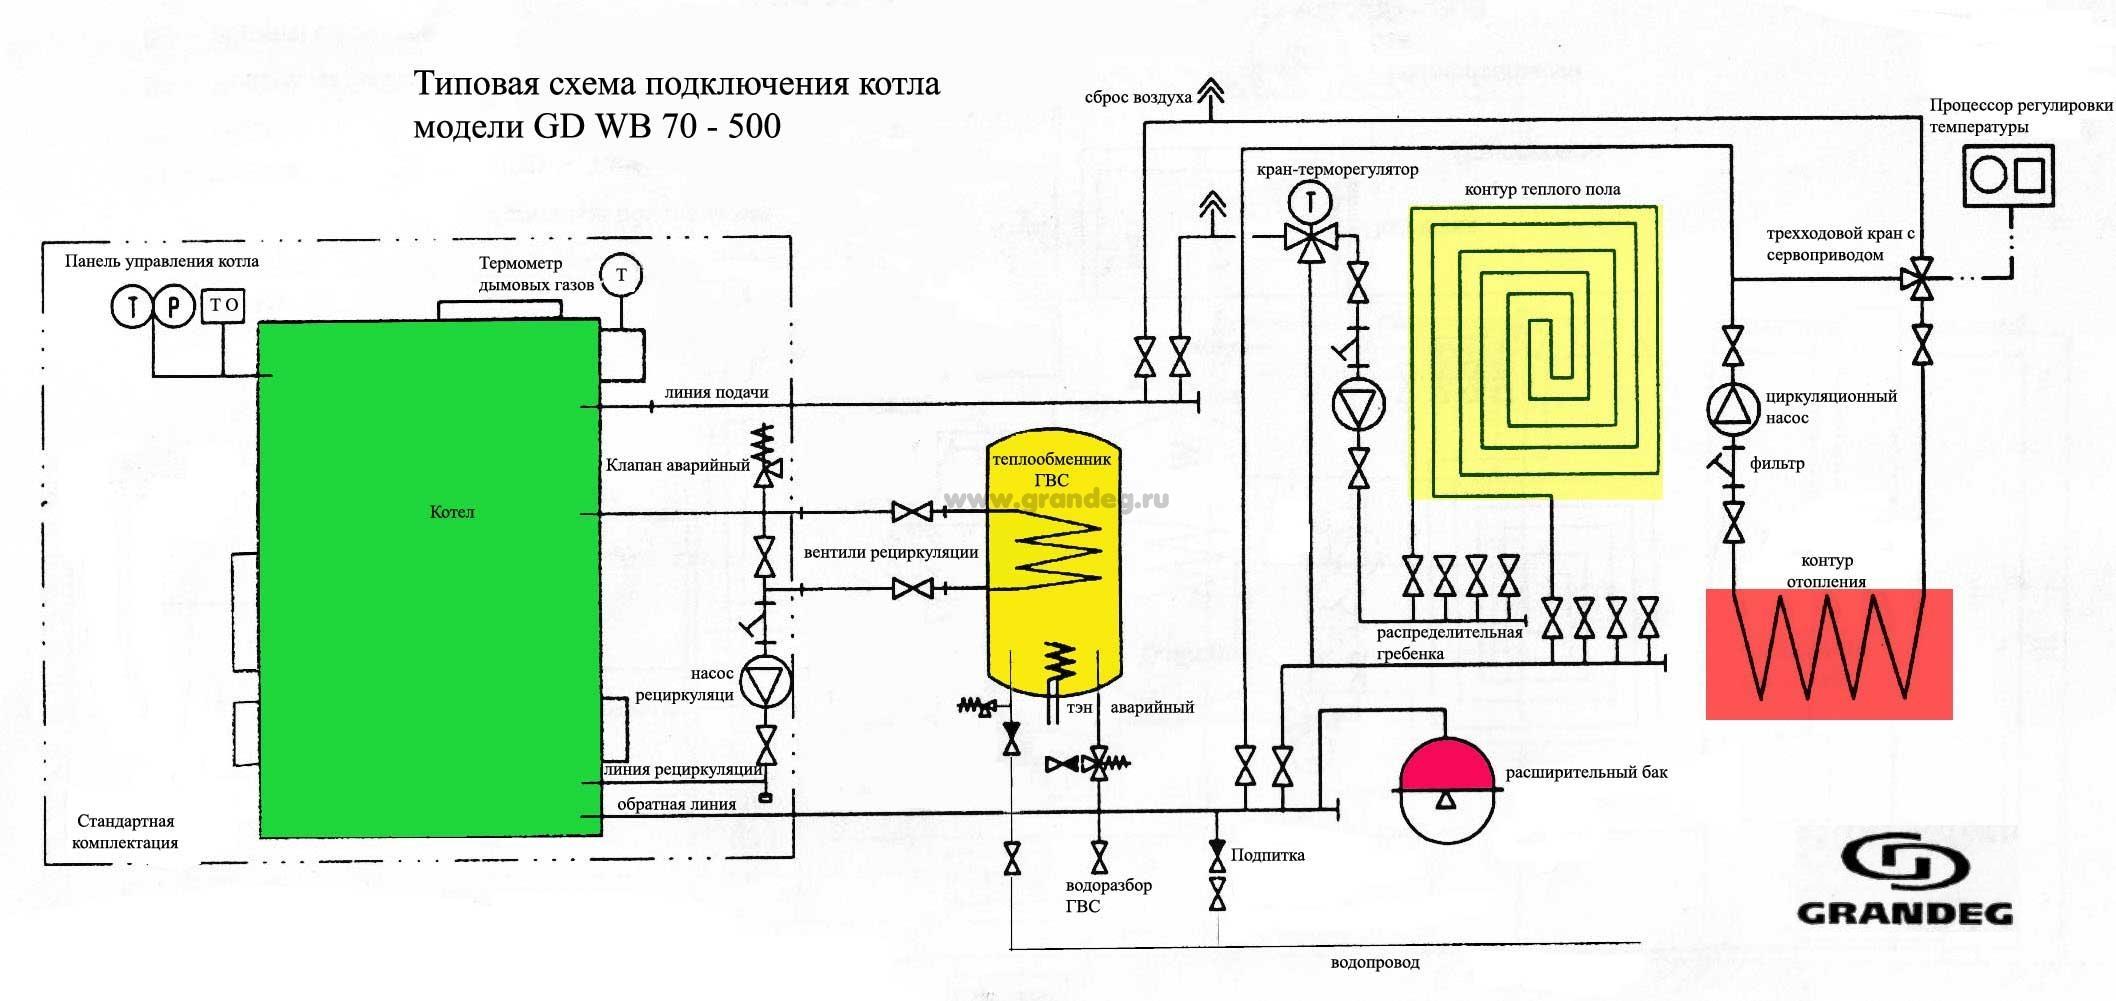 Схема подключения Грандег